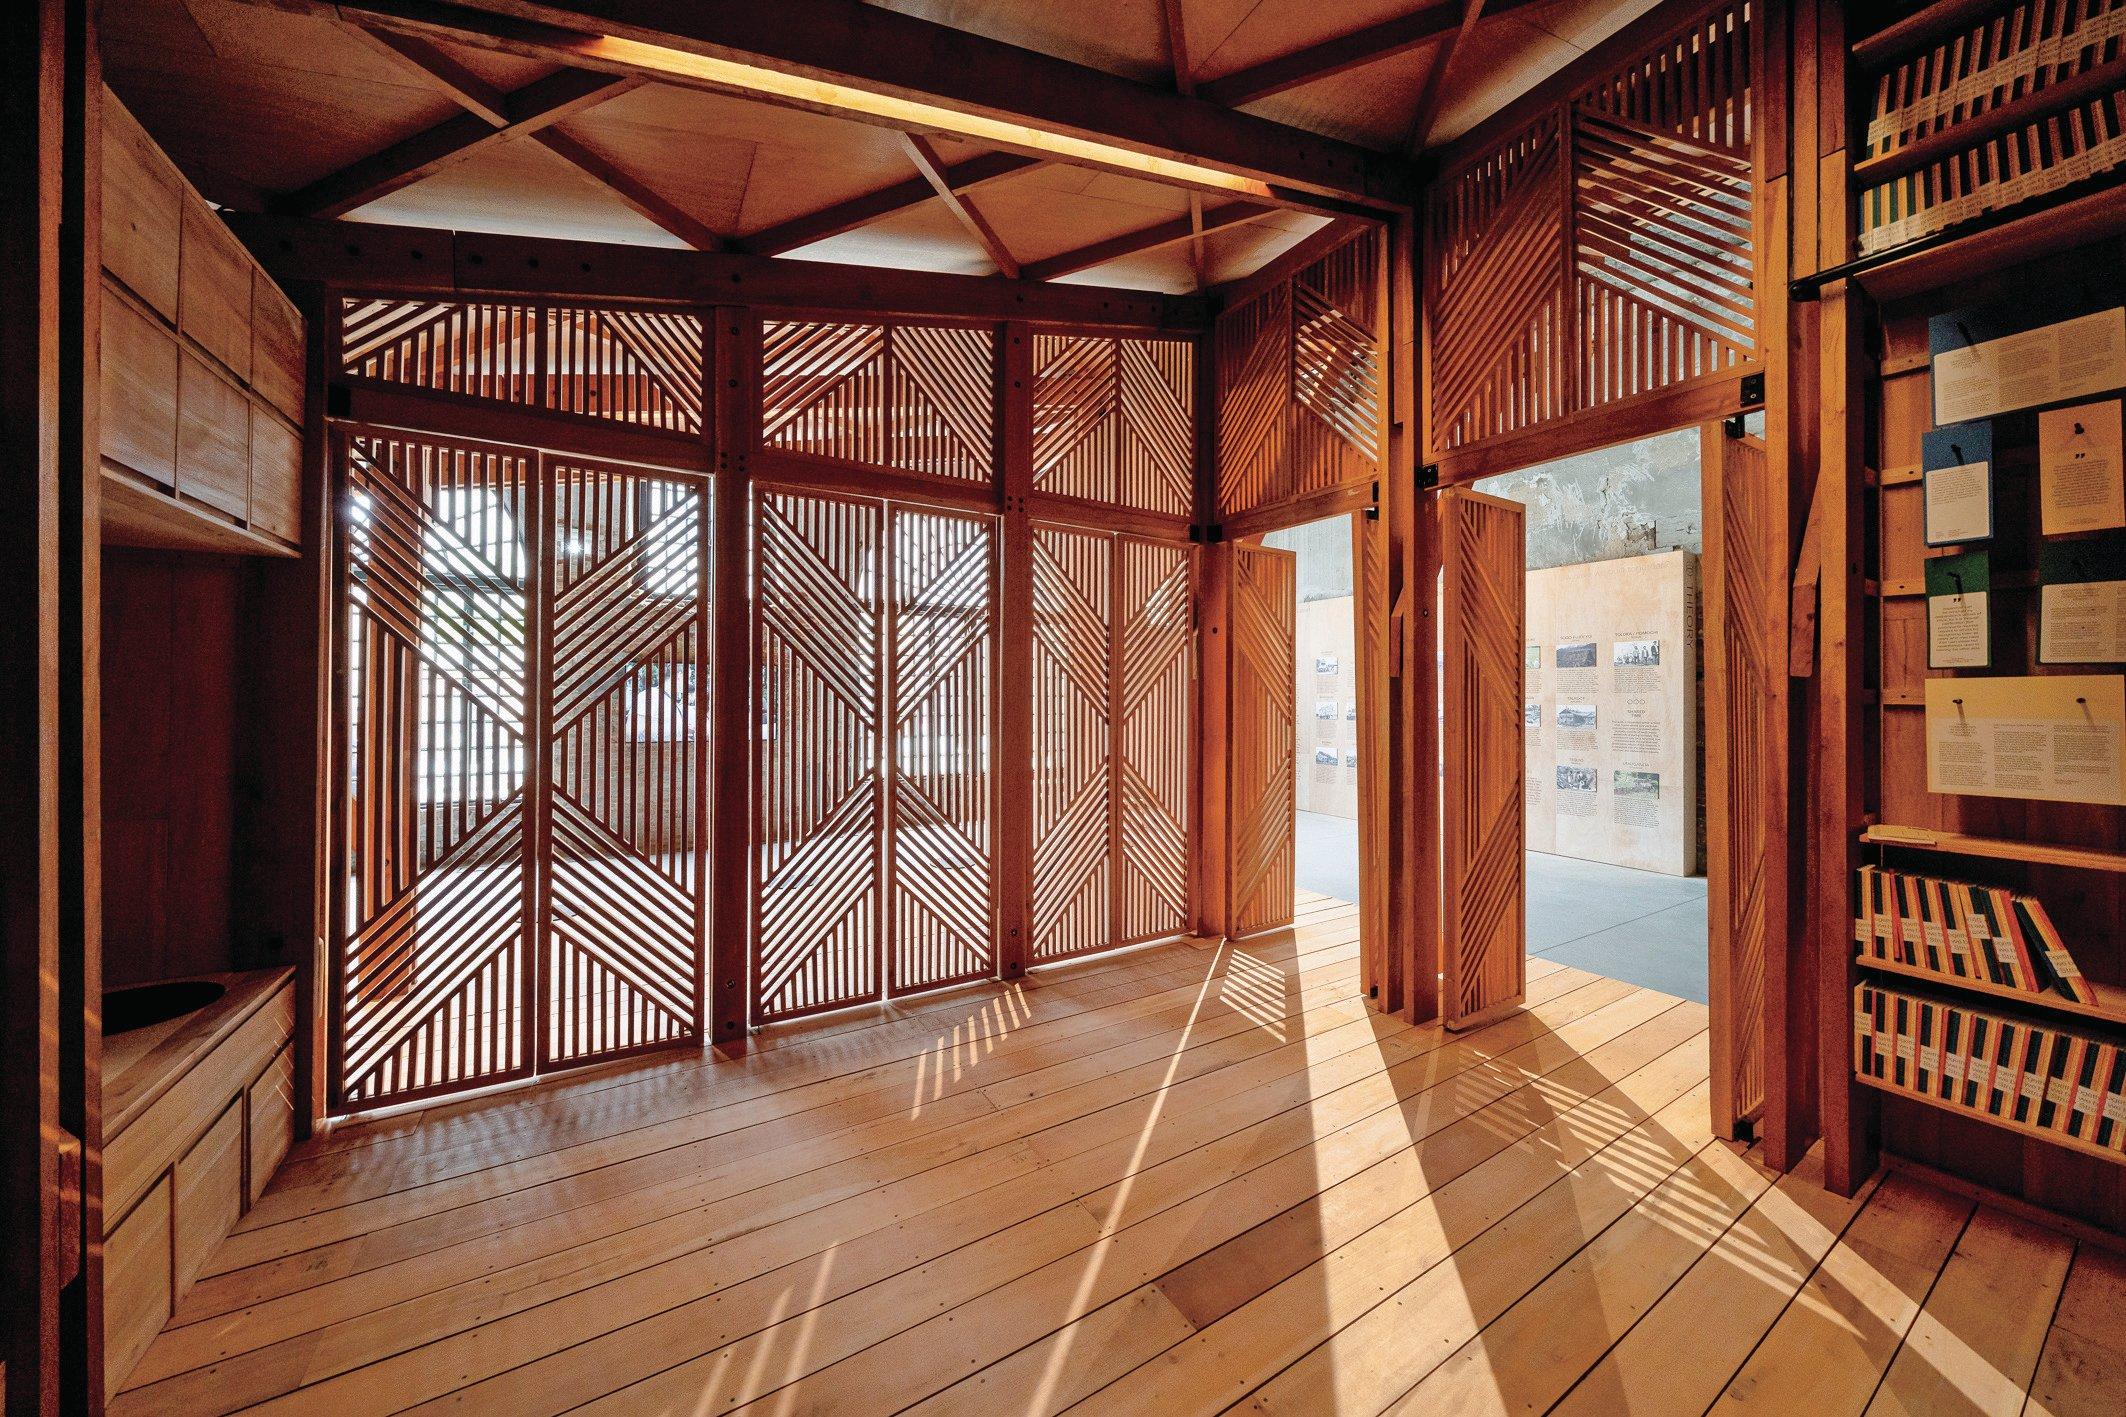 The Philippine Pavilion's bayanihan (Courtesy of Andrea Avezzù/La Biennale di Venezia)